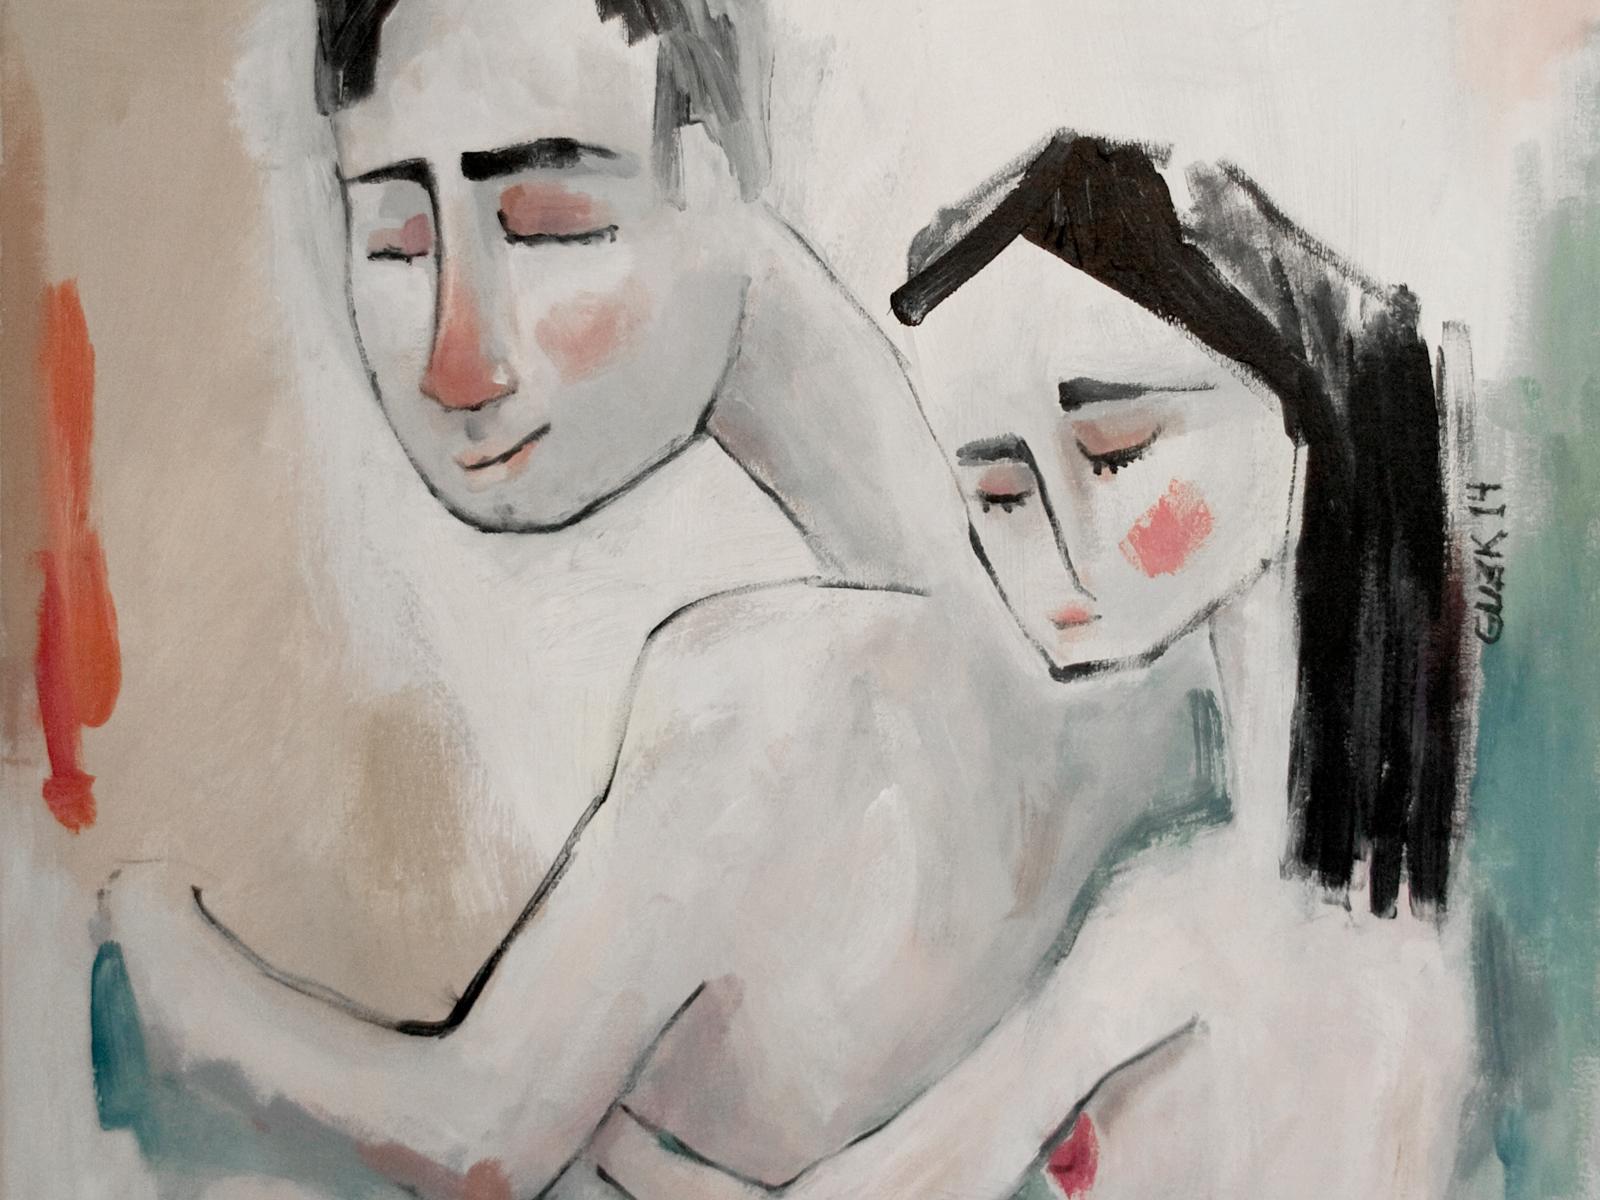 La pintura es más fuerte que yo,&nbsp;<br />&nbsp;siempre consigue que haga&nbsp;<br />&nbsp;lo que ella quiere